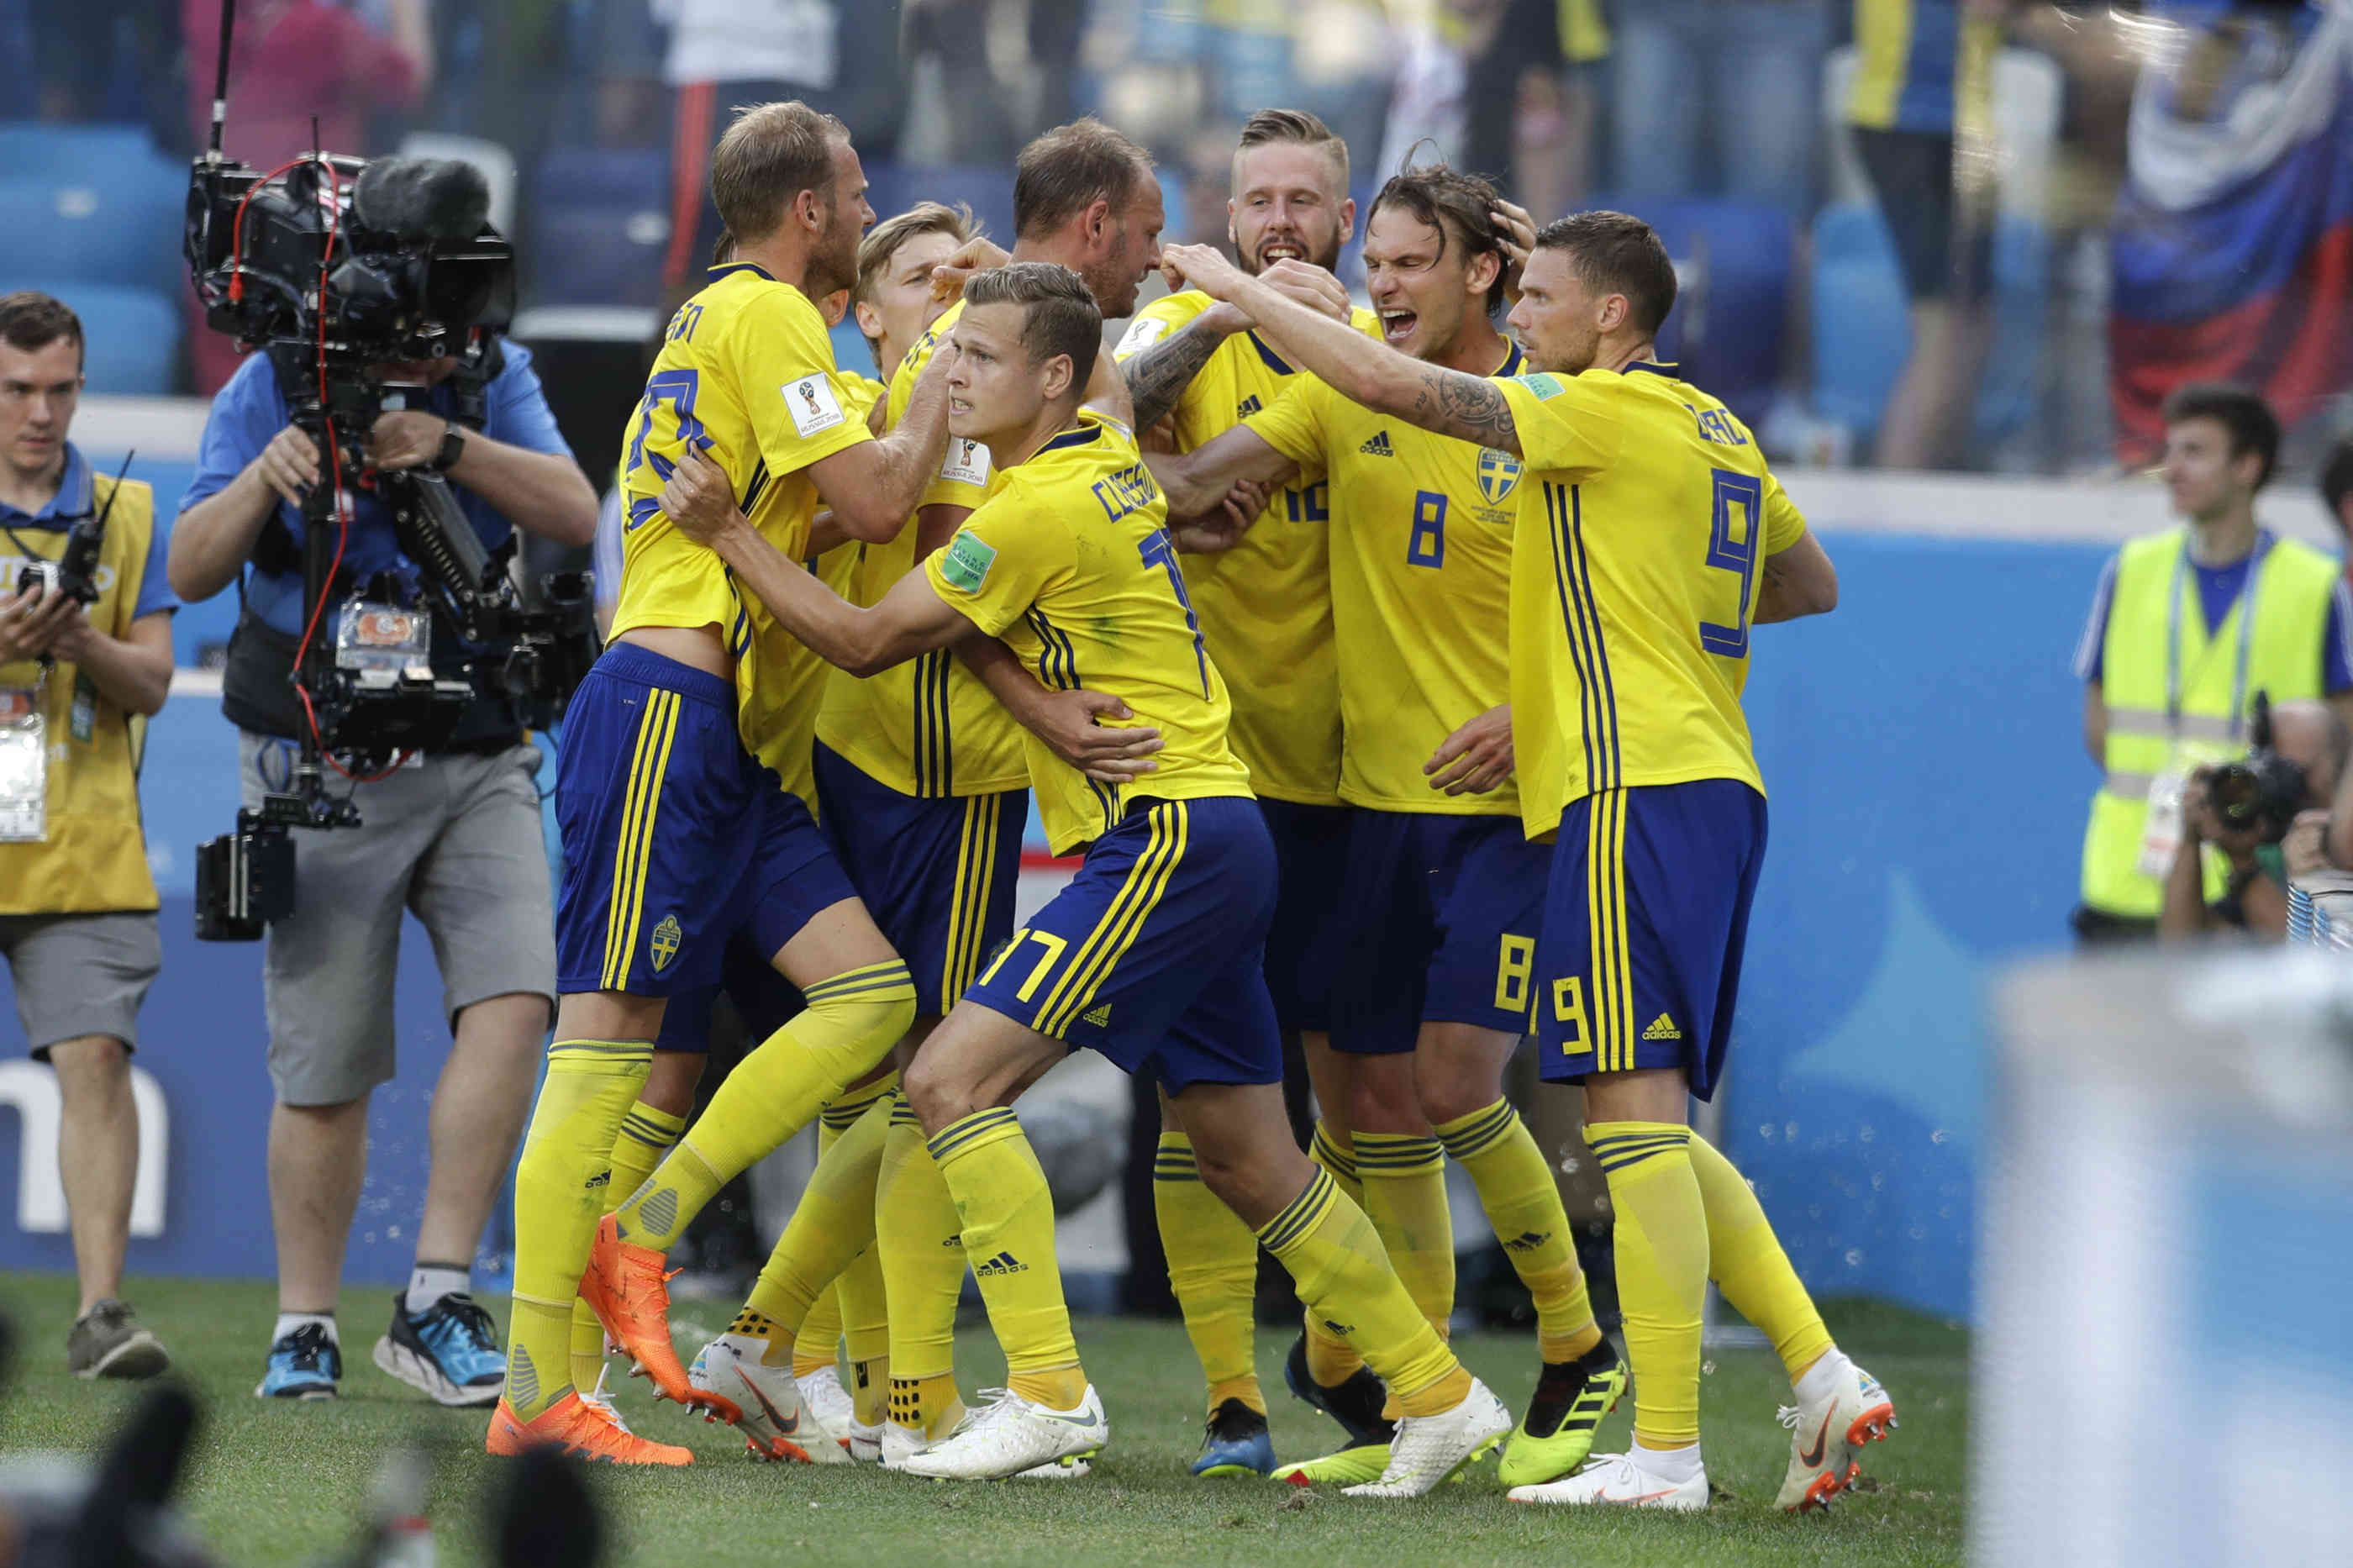 Schweden Südkorea Wm